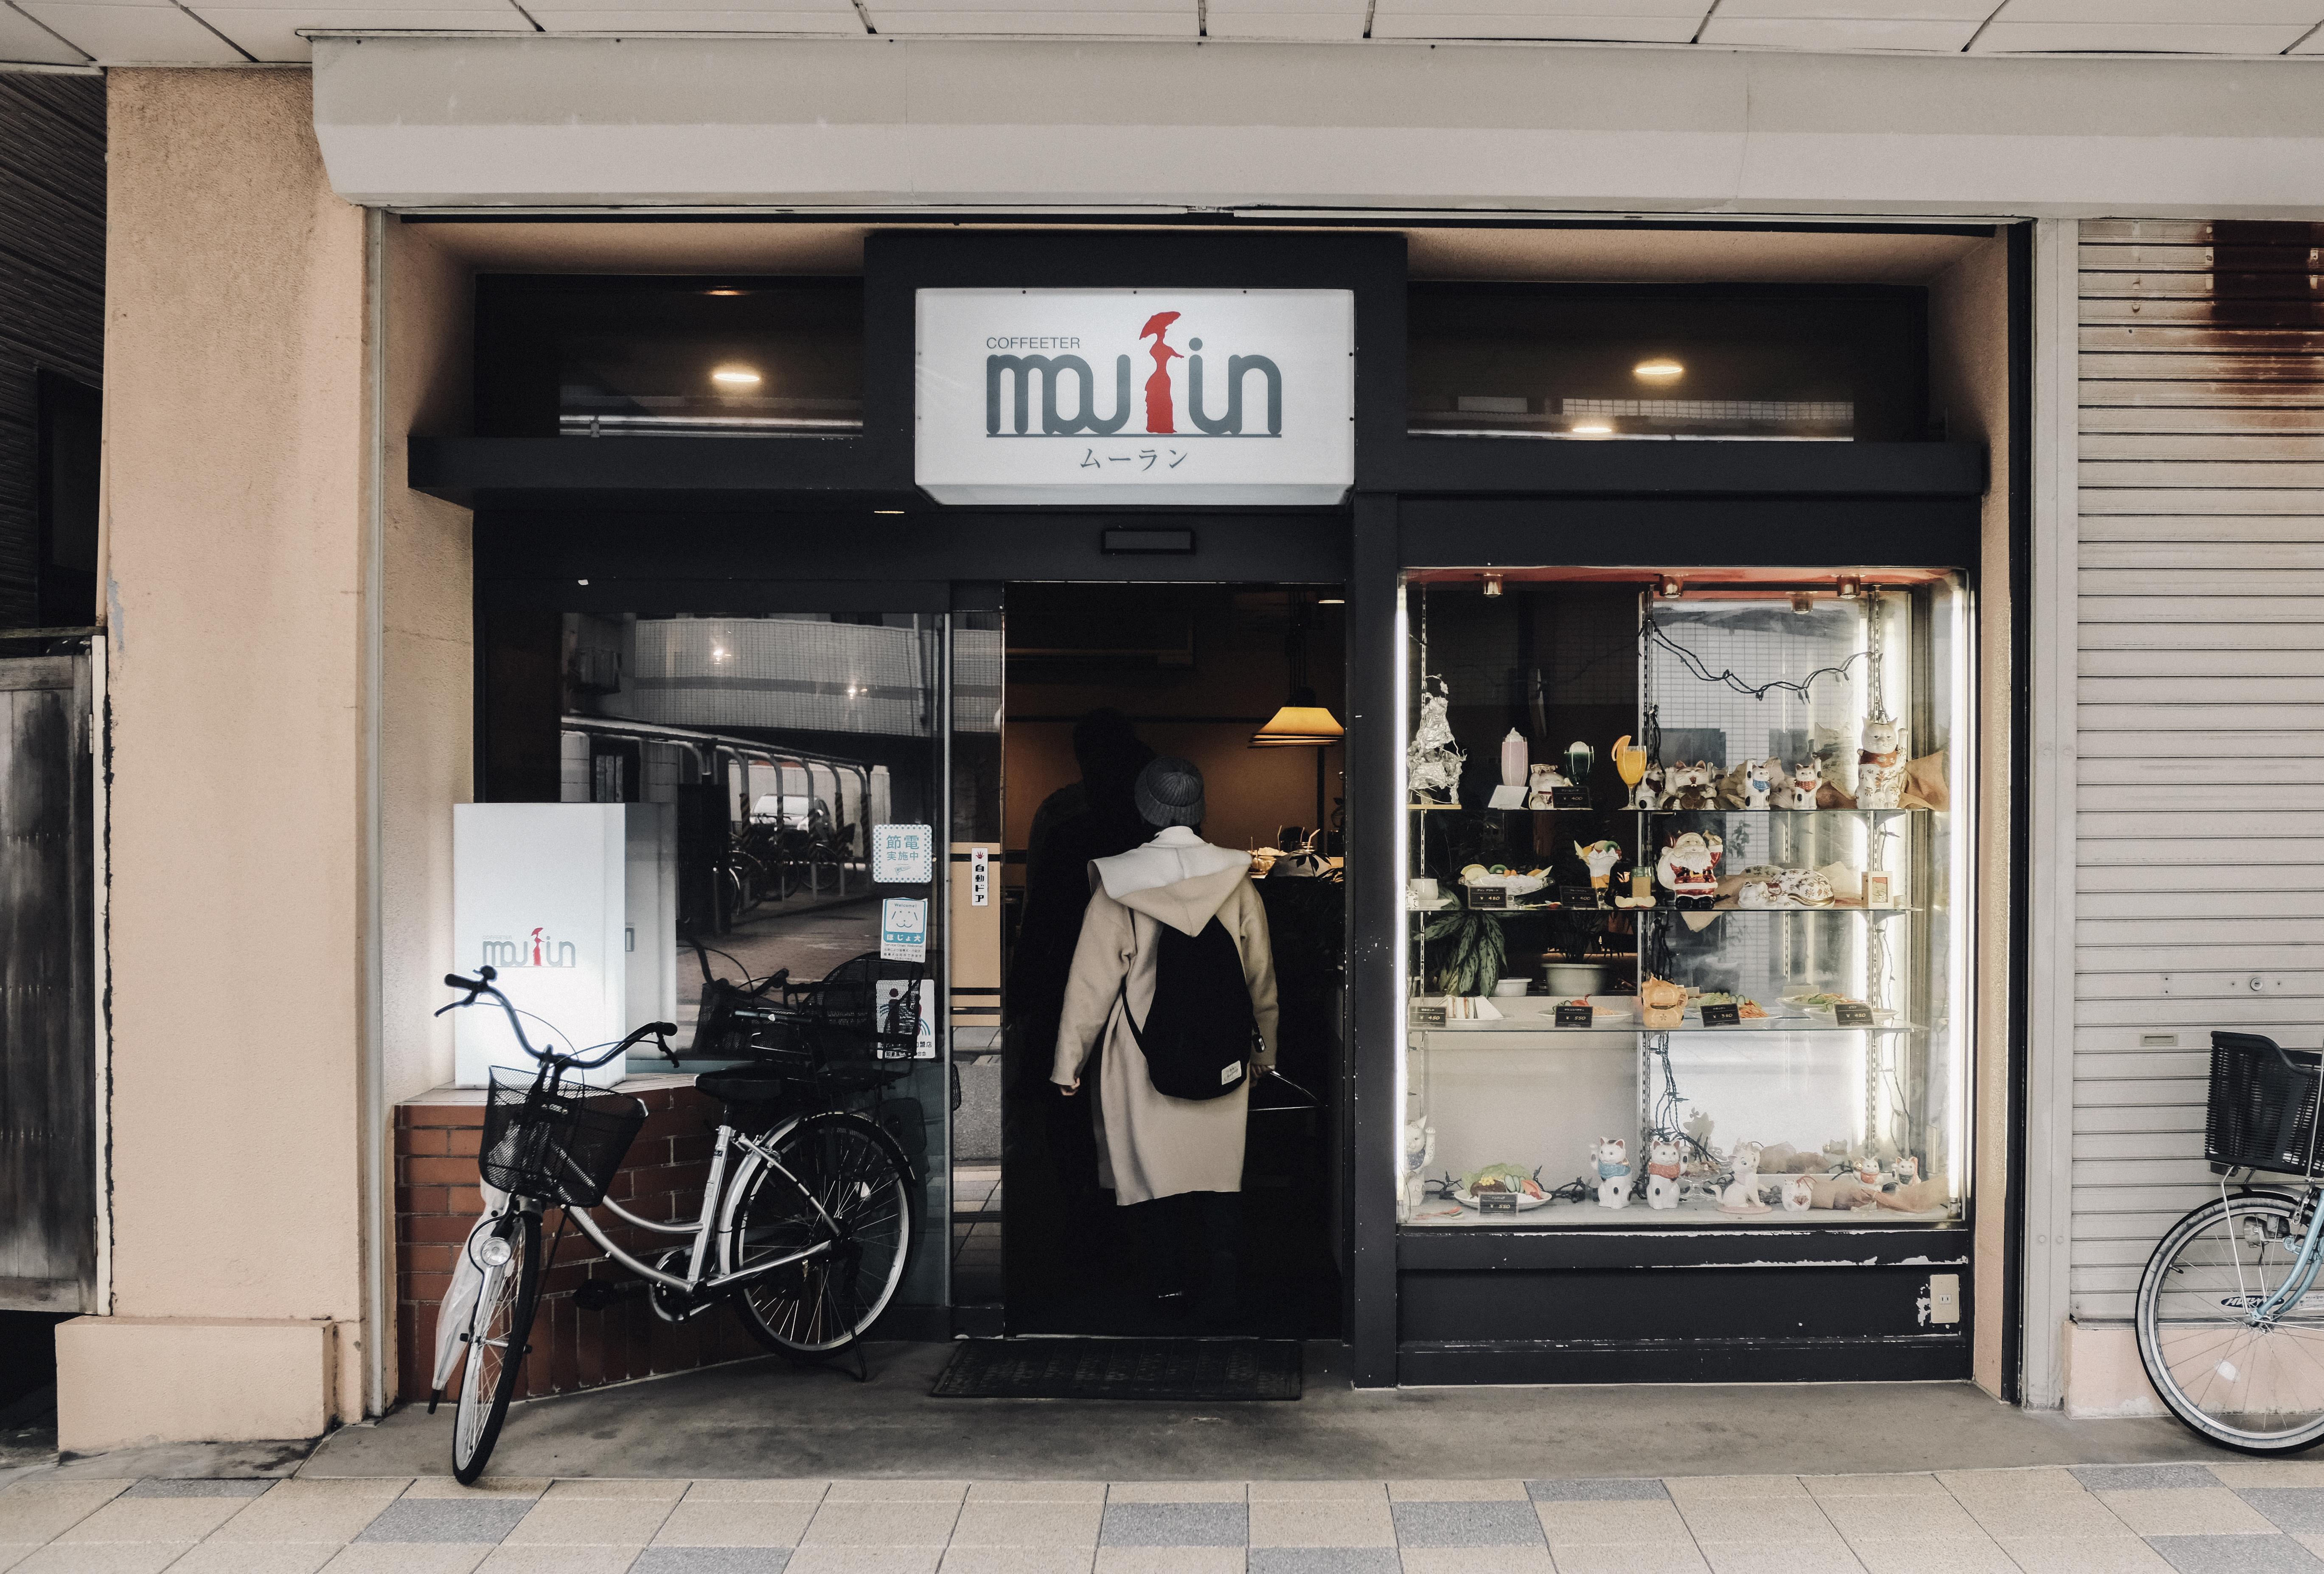 ムーラン|新潟市中央区